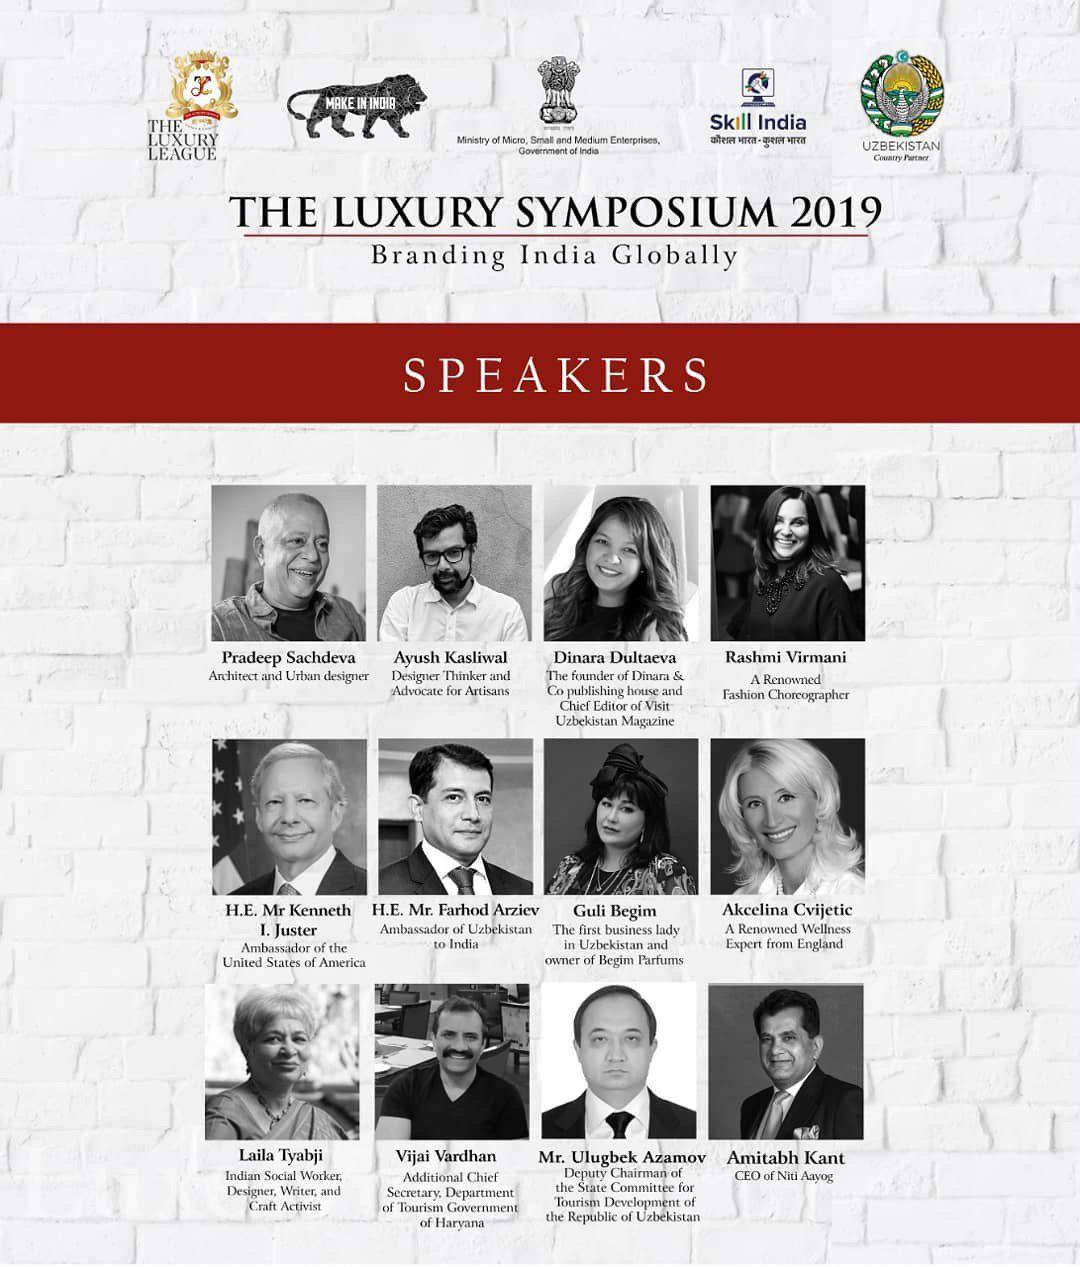 Узбекистан на The Luxury Symposium 2019 в Индии